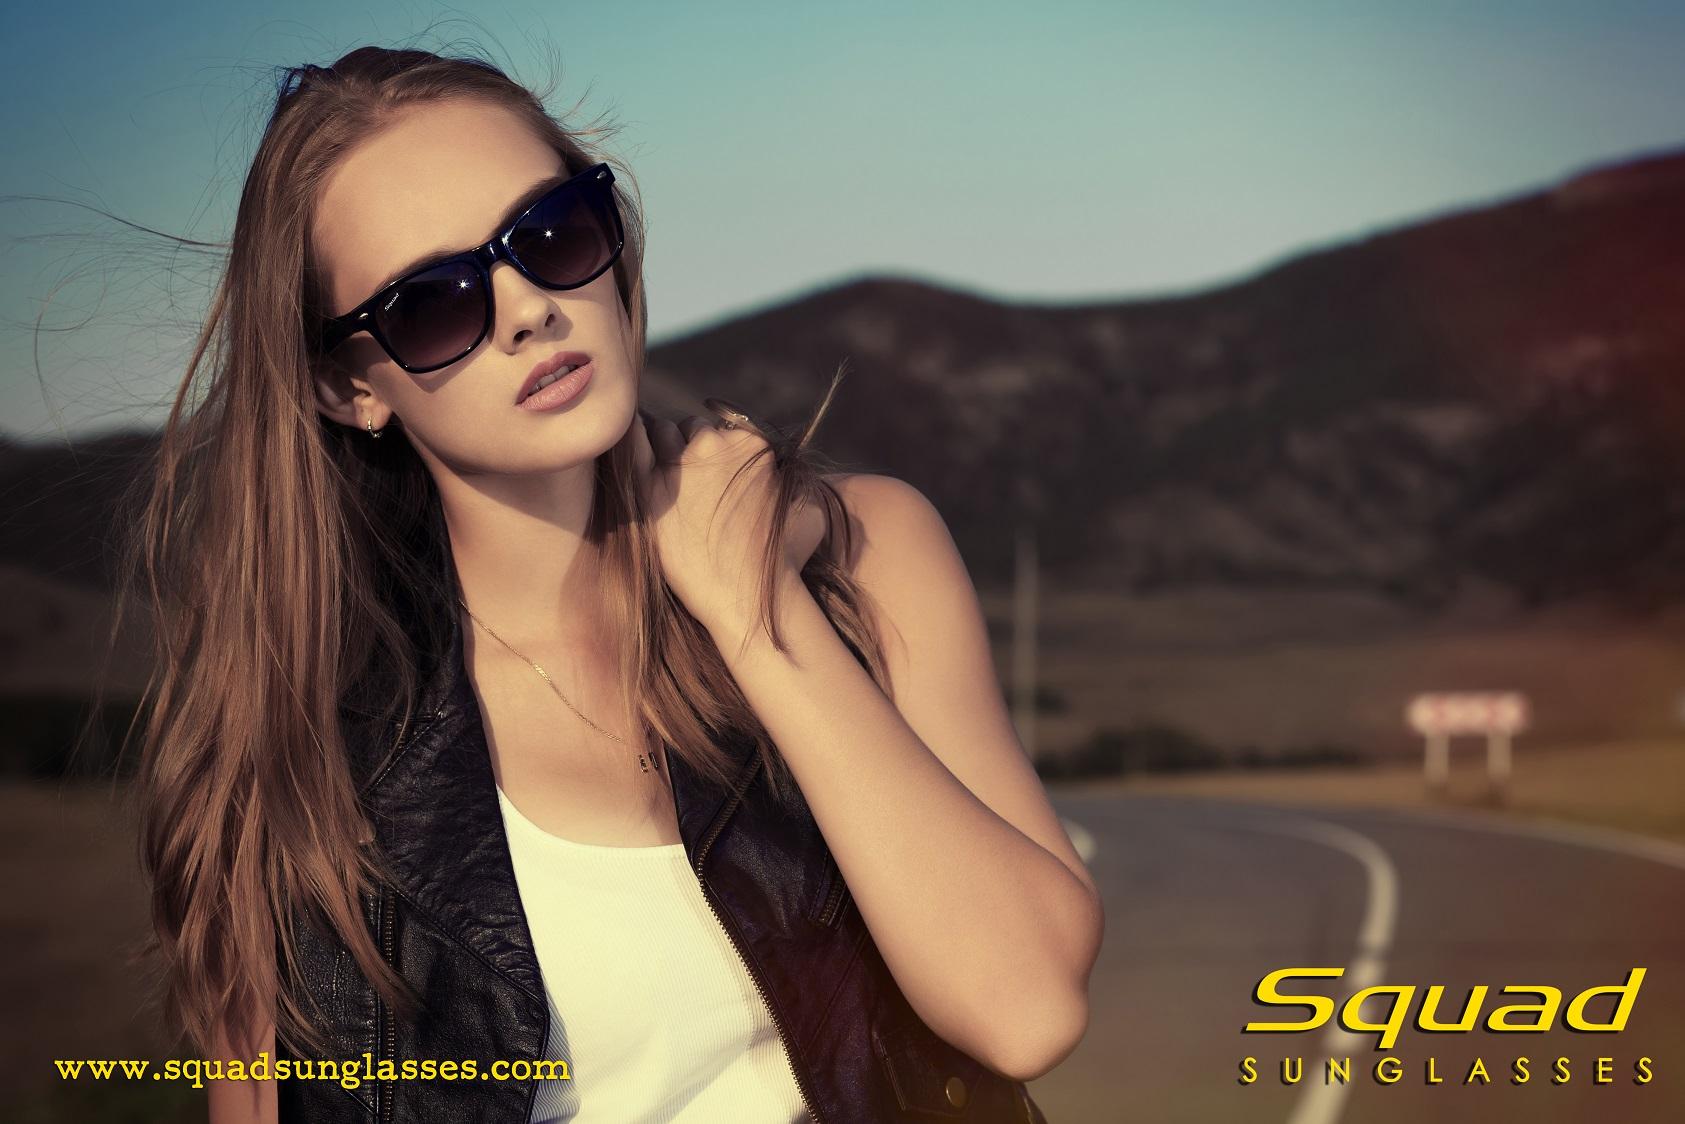 365b93dc16 3.jpg. ¡Hola! Las gafas polarizadas tienen muchas ventajas.